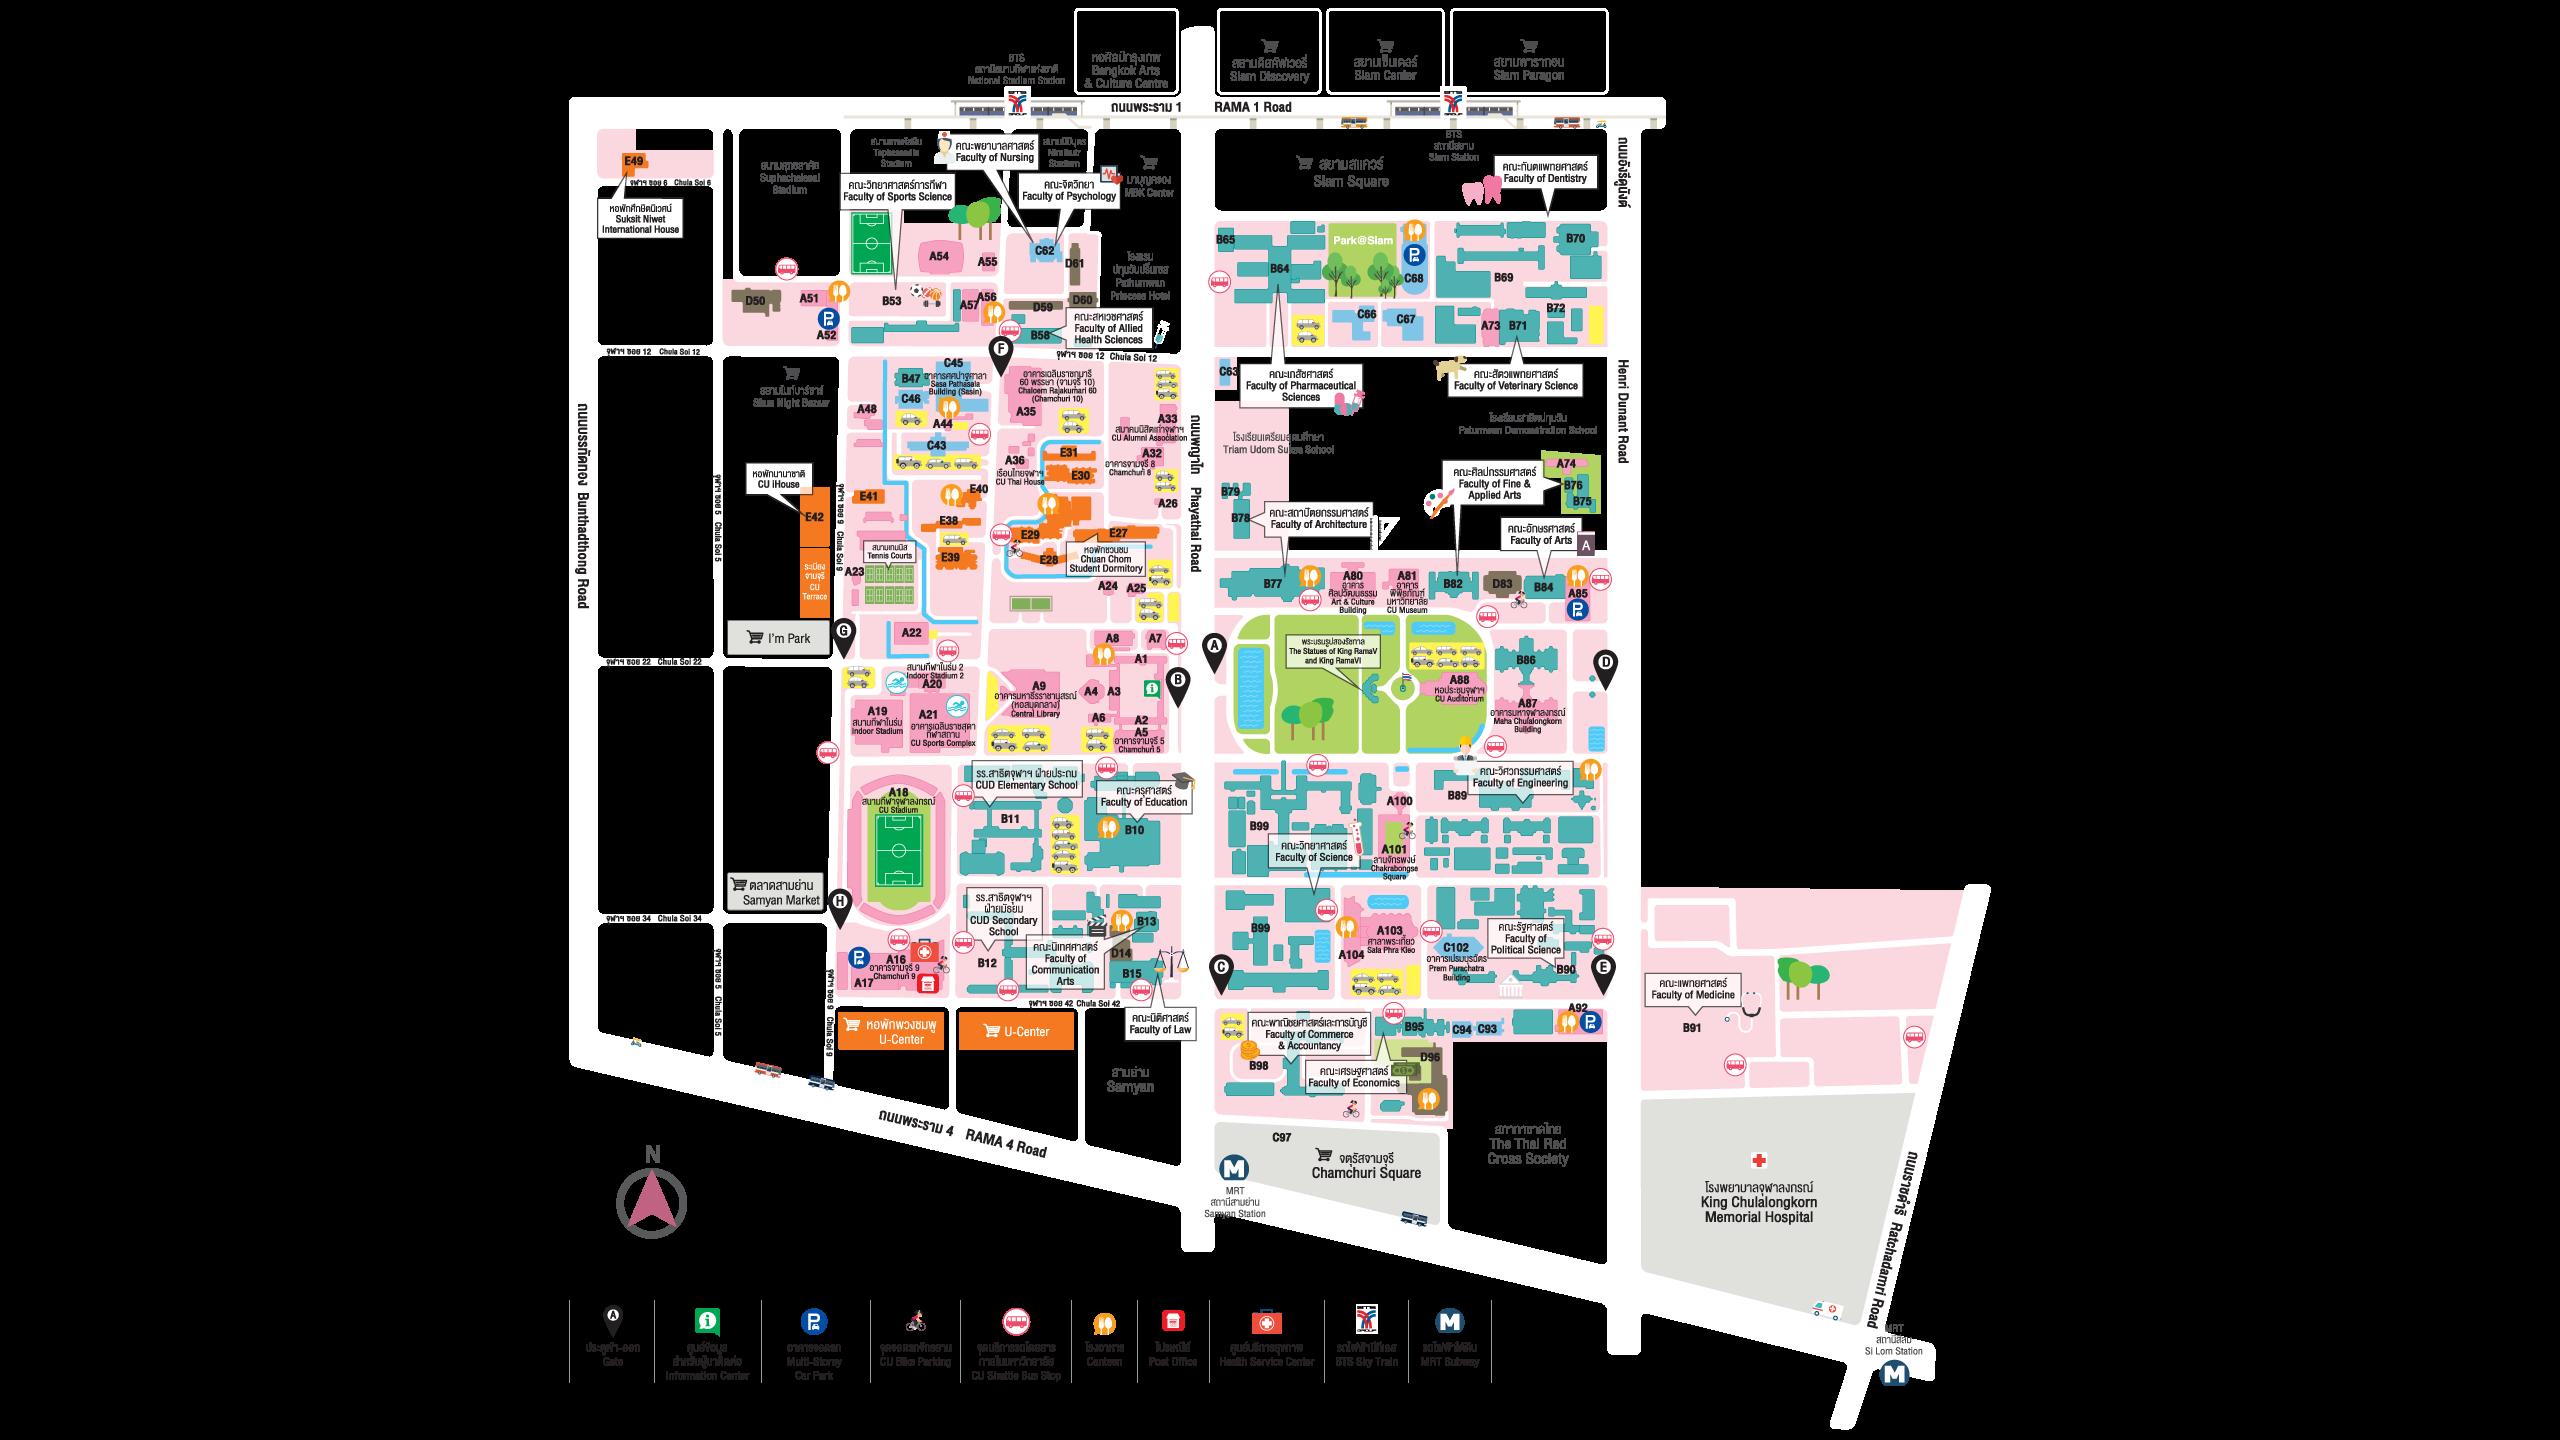 Chulalongkorn University Map